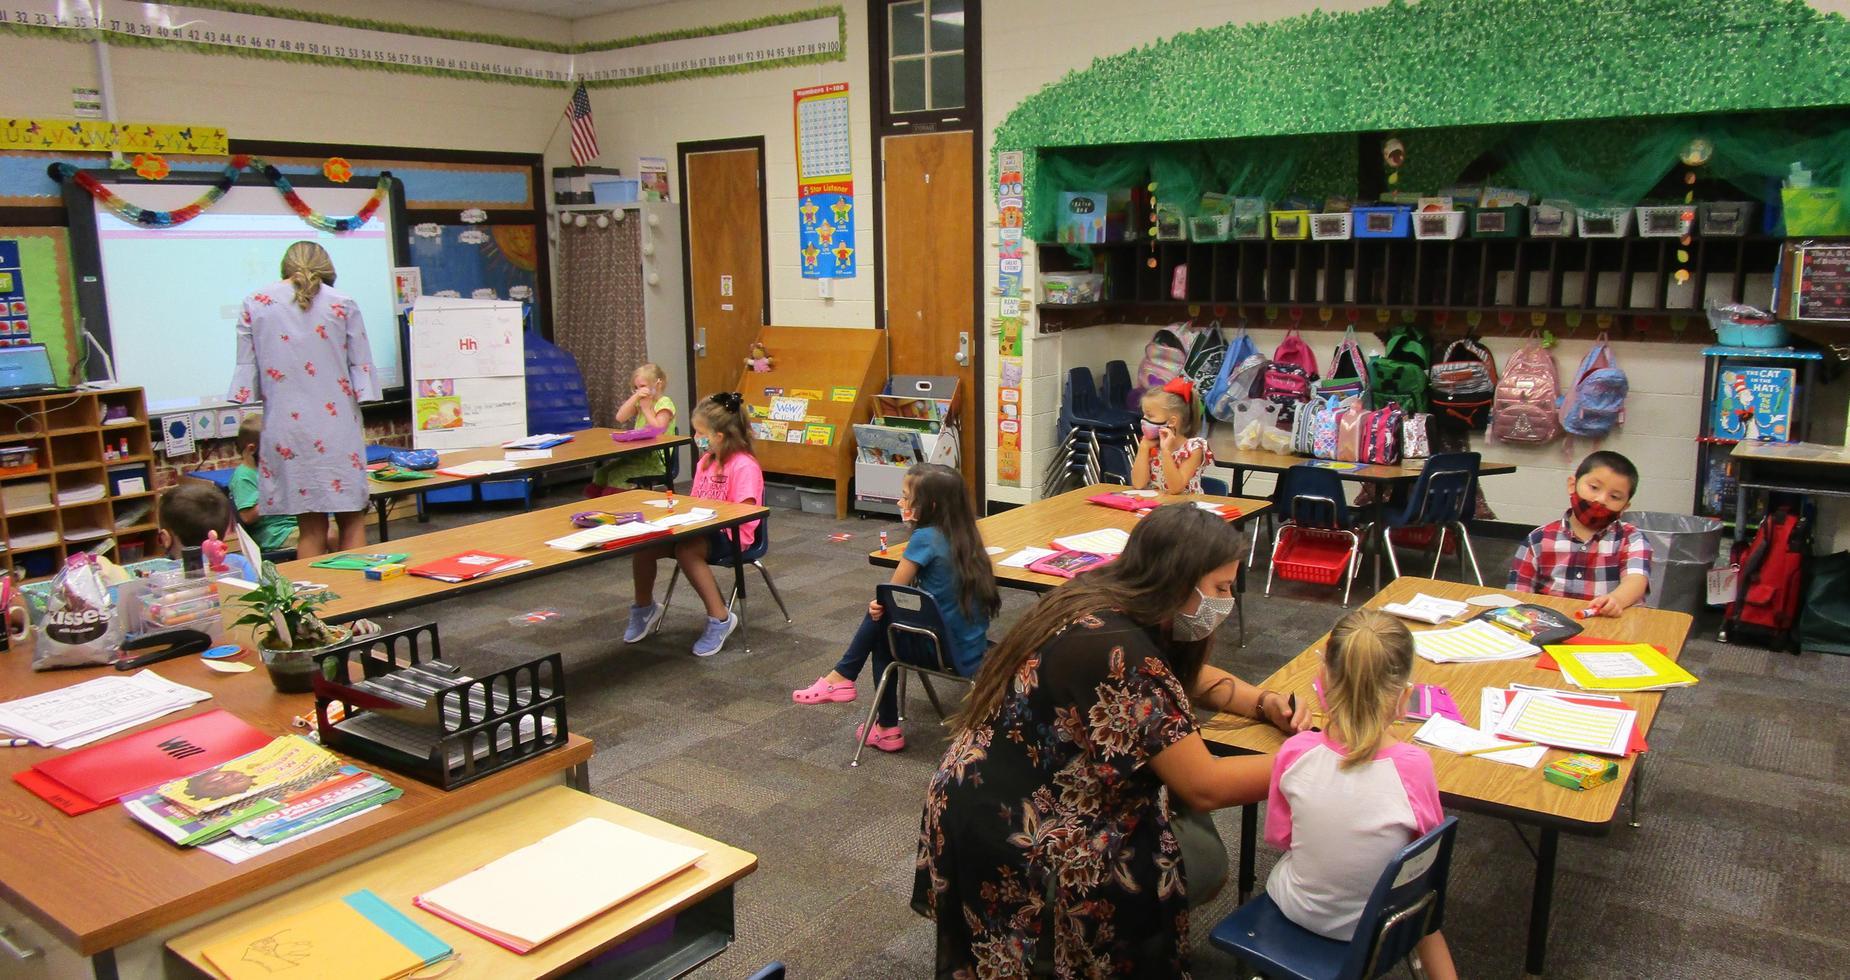 Mrs. Millhorn's kindergarten